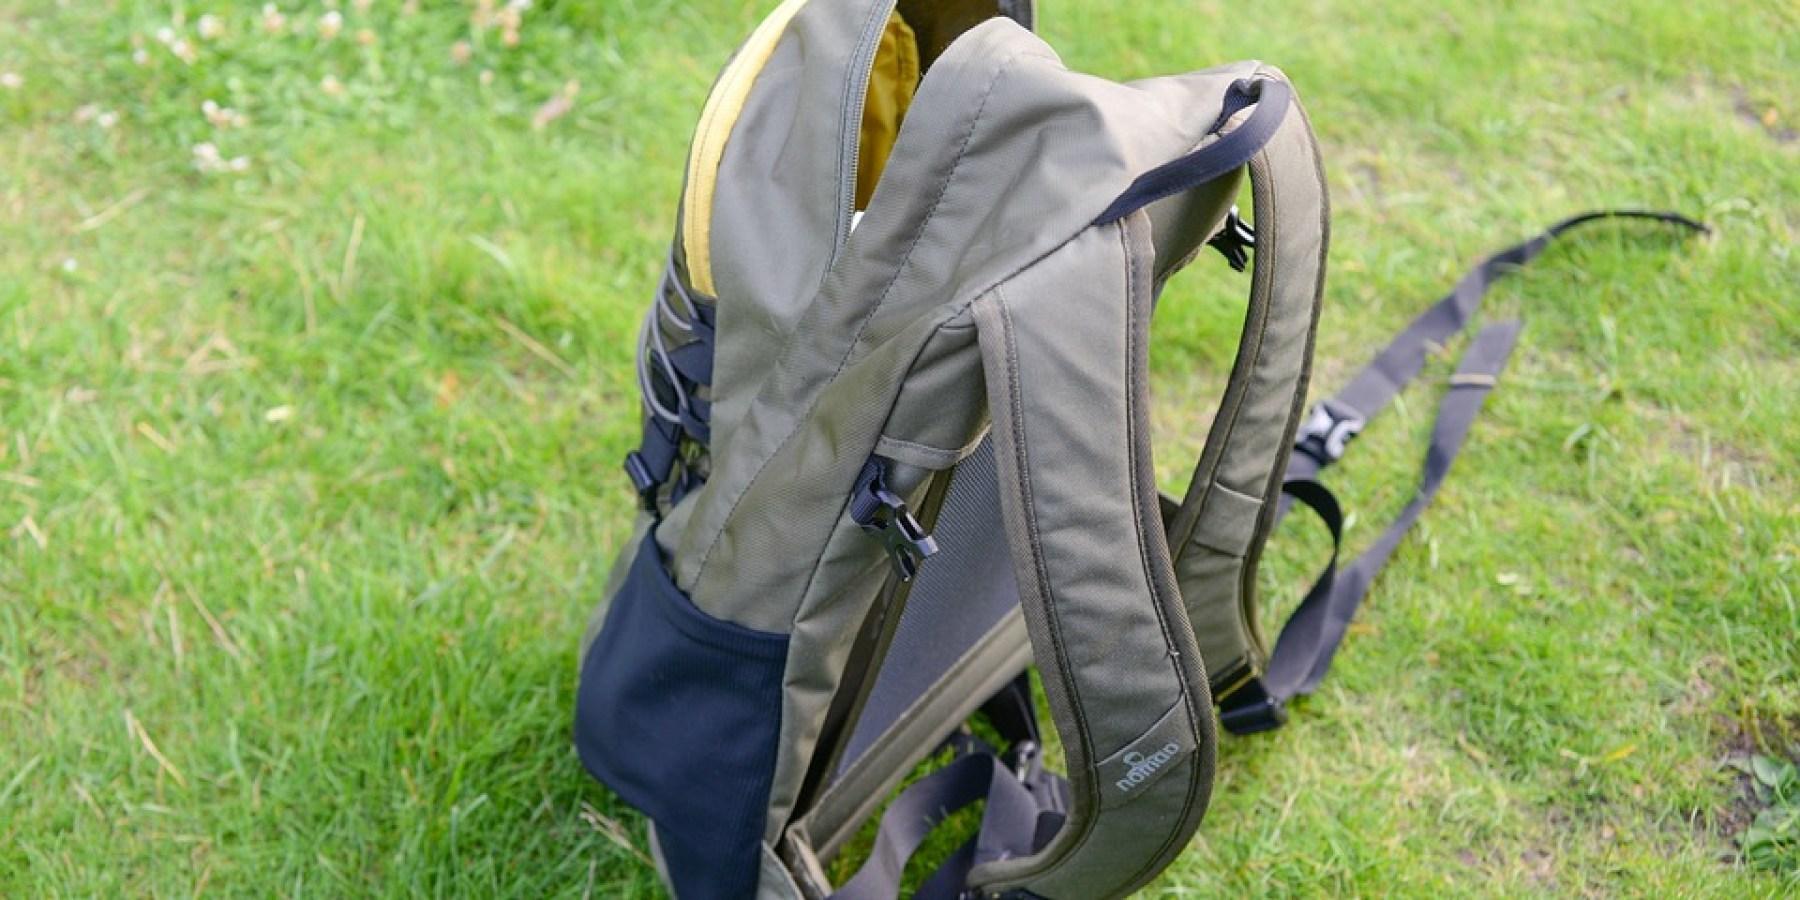 Rucksack aus Fahrradkorb gestohlen